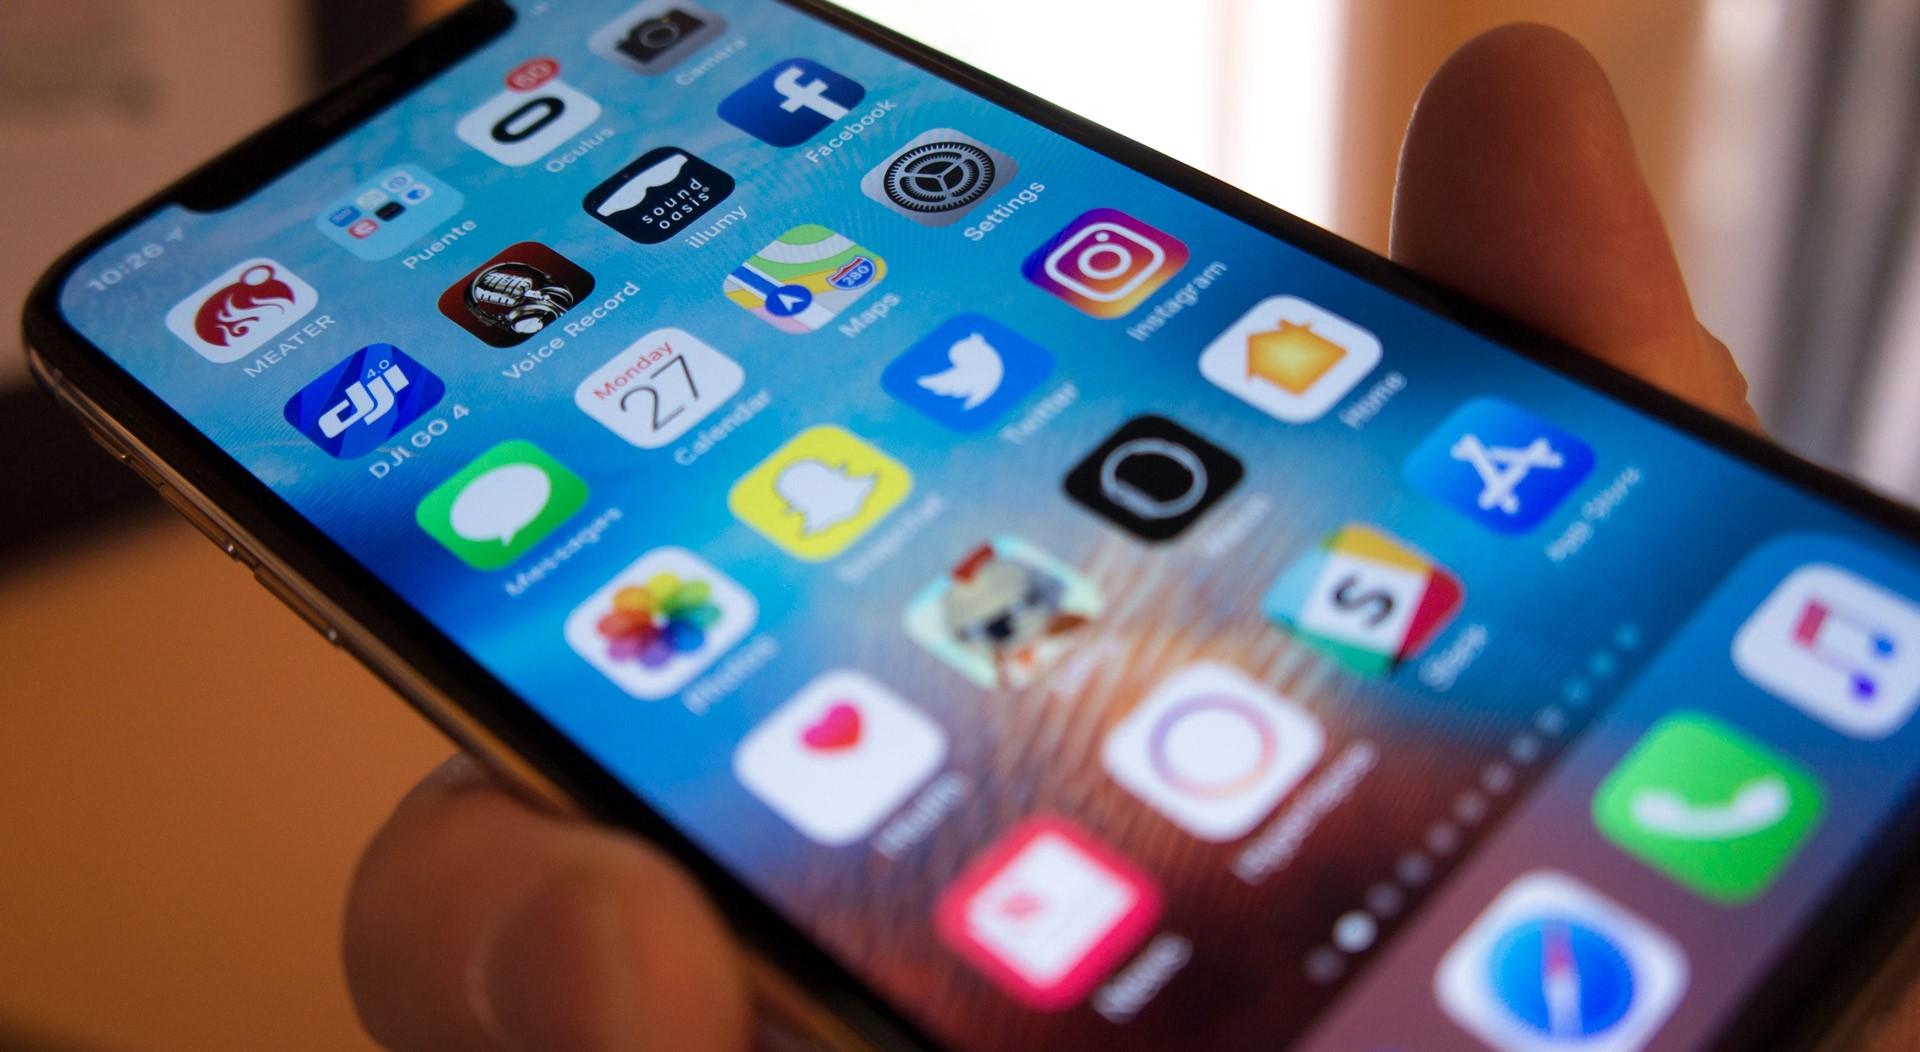 Обзор iOS 12_какая она сейчас и что ожидать в дальнейшем - дисплей айфона